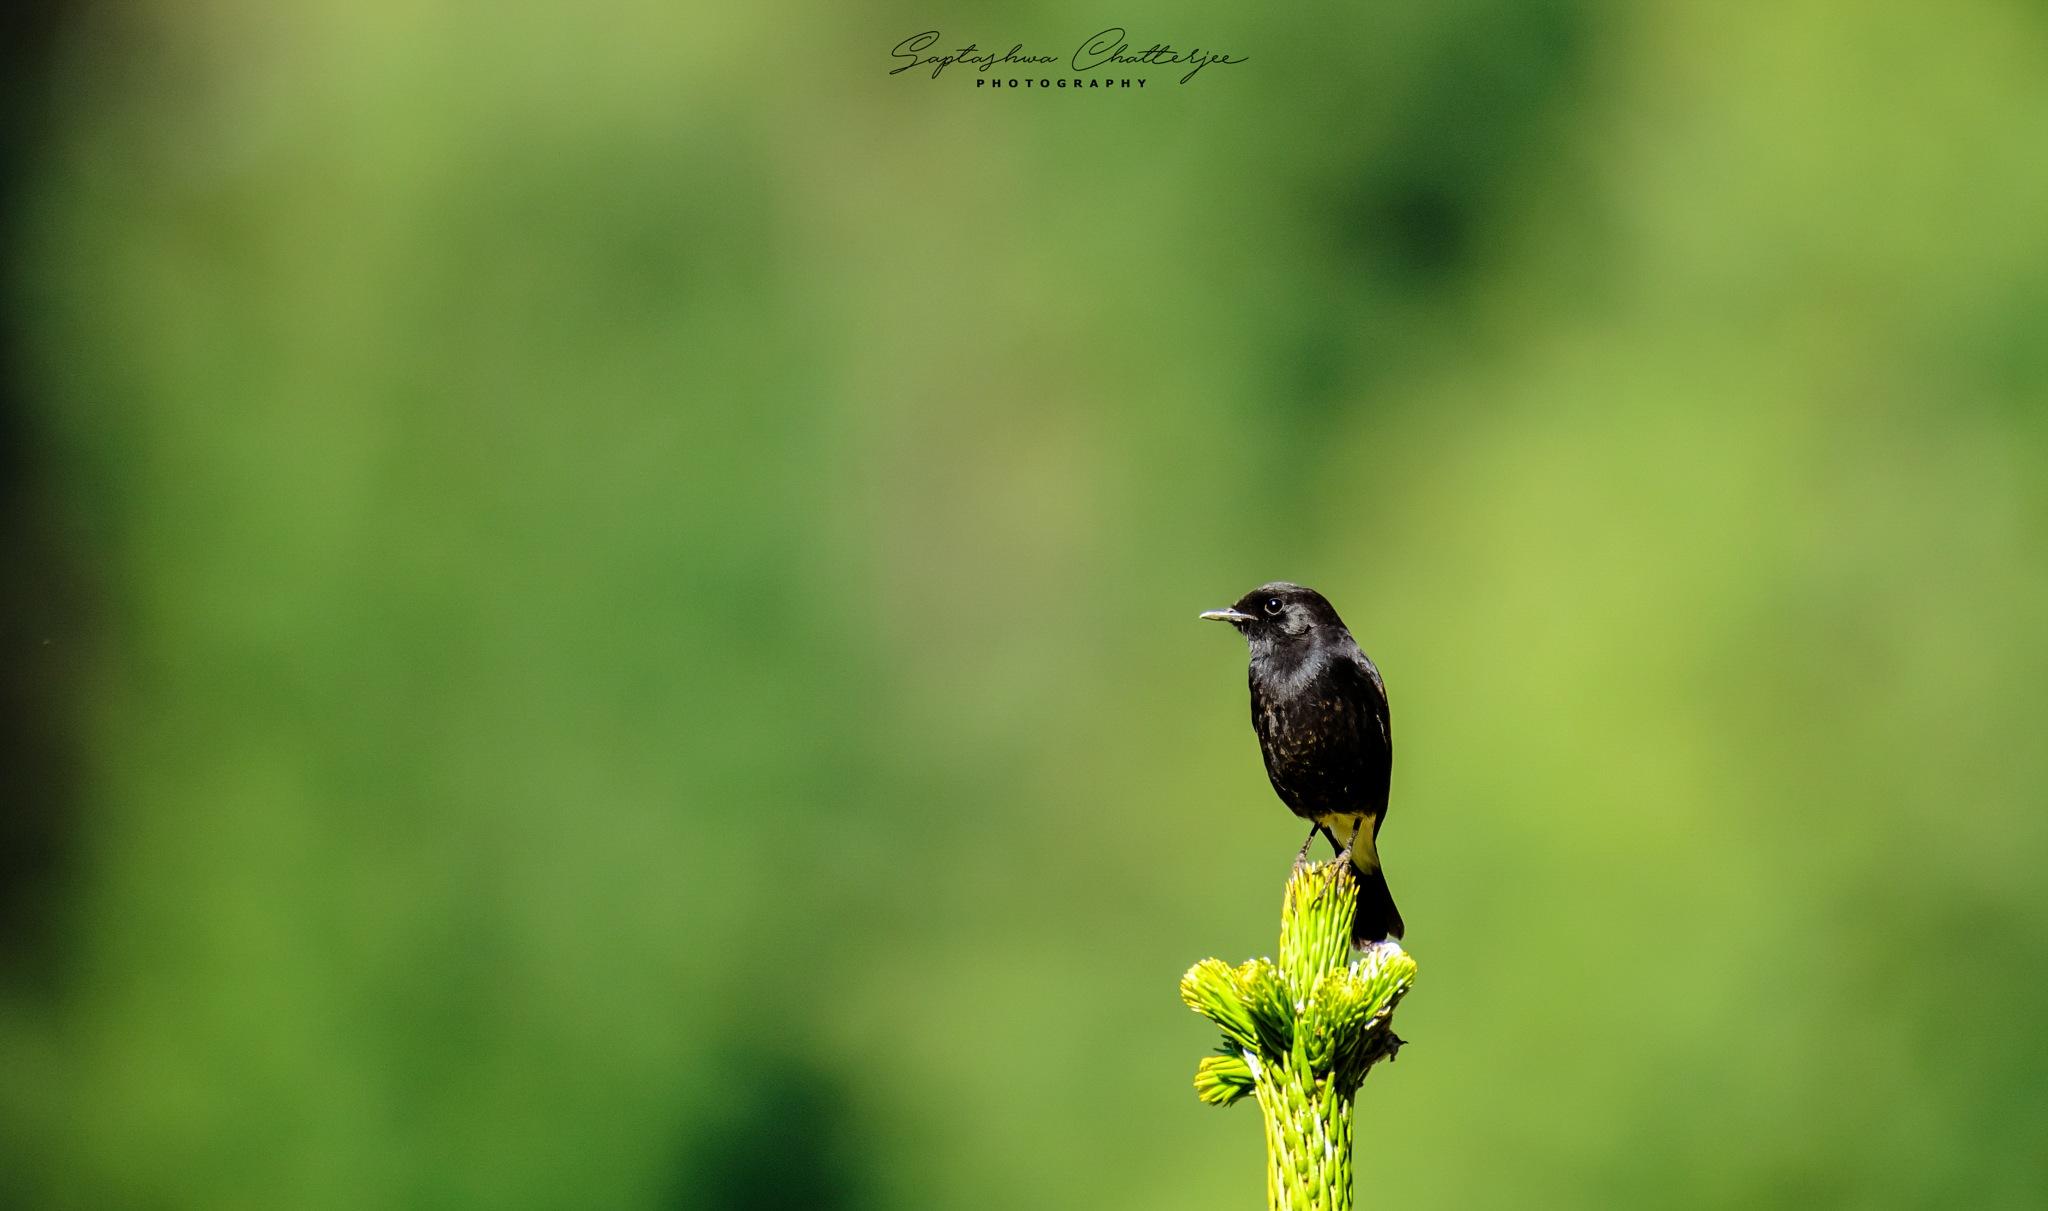 Pied Bushchat Male by Saptashwa Chatterjee